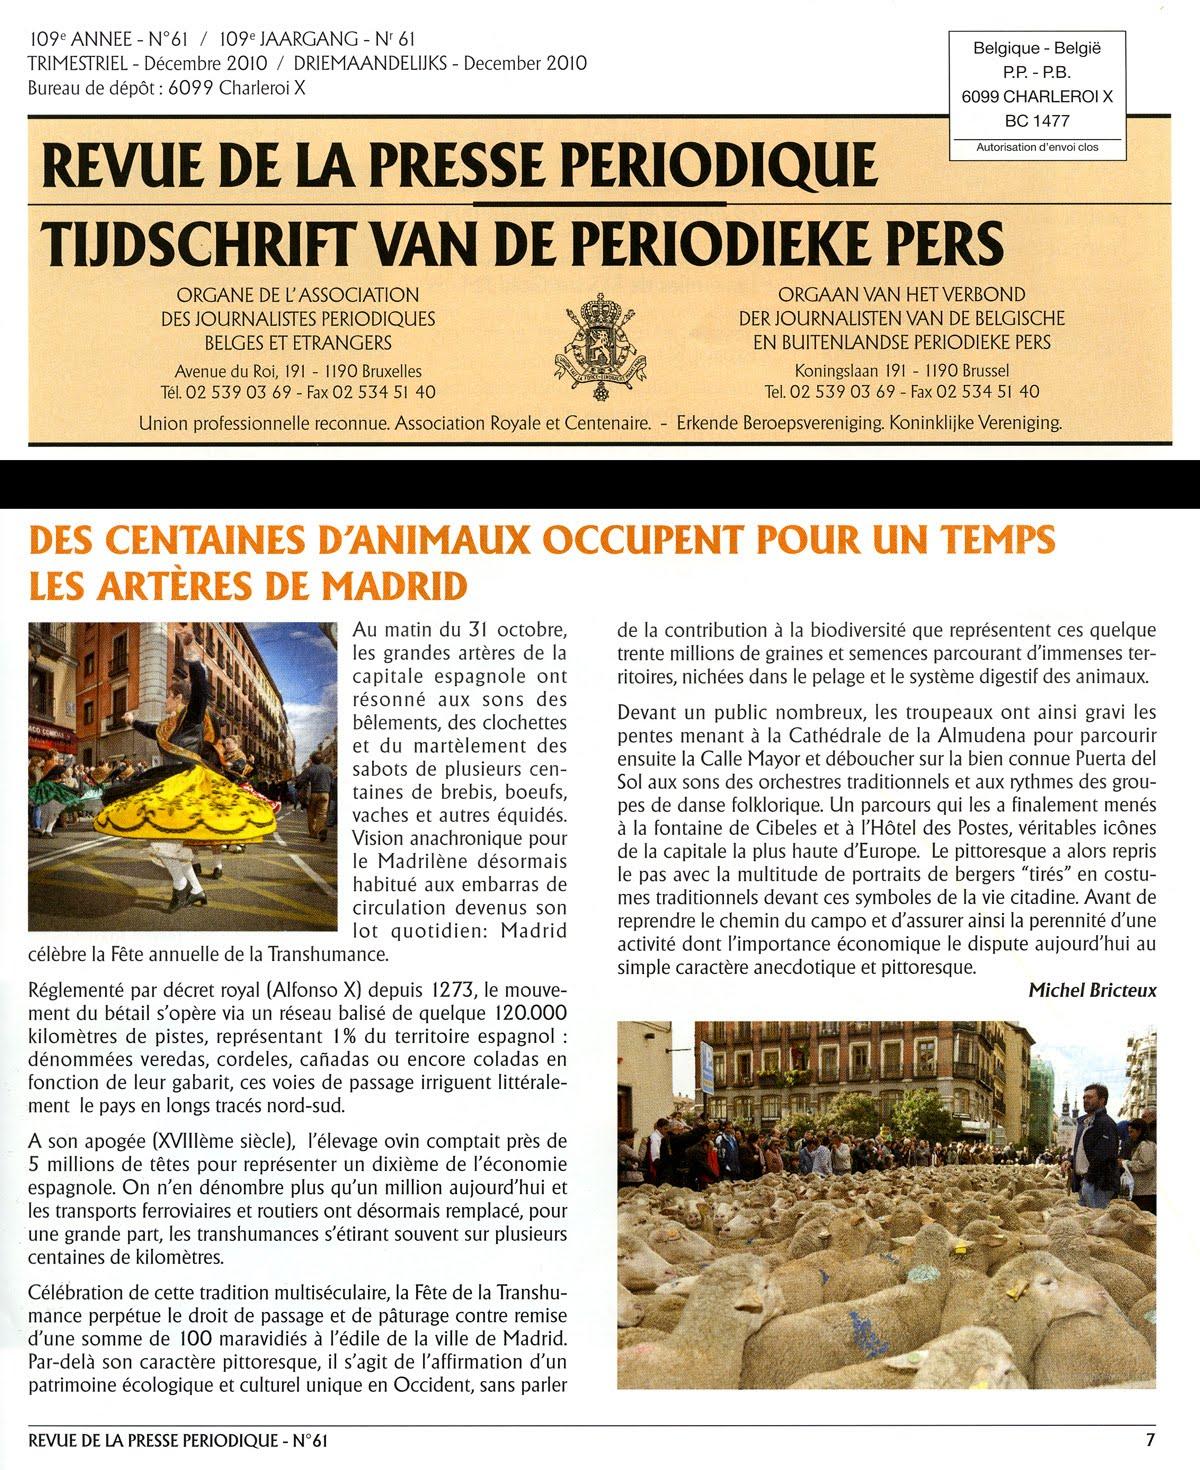 Article/photos publiés dans la Revue de la Presse Périodique